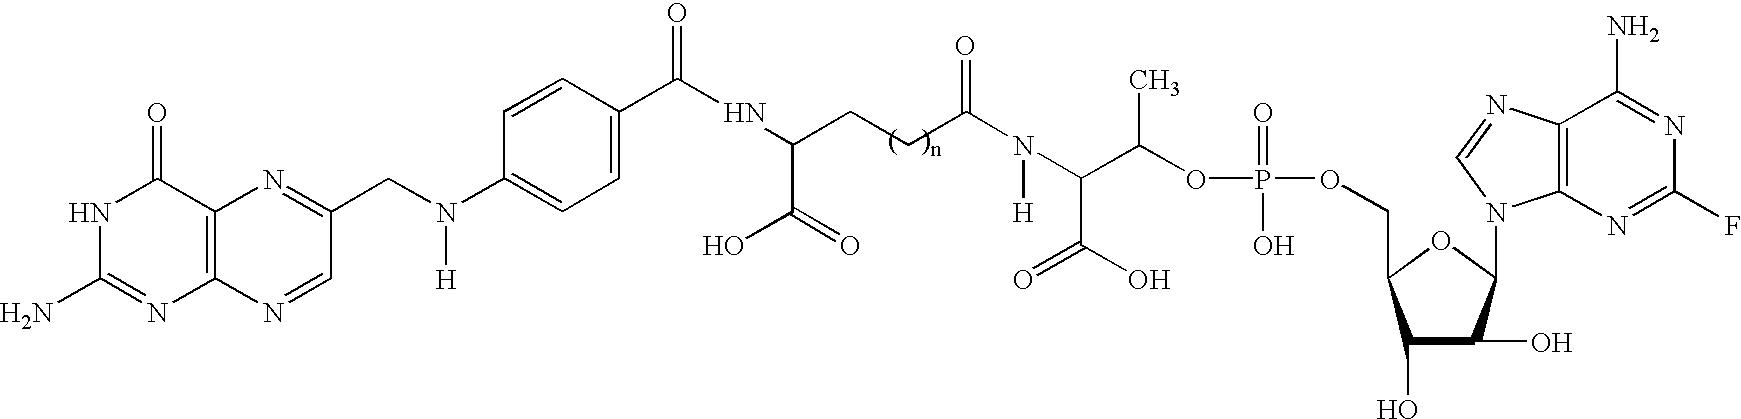 Figure US20030104985A1-20030605-C00024